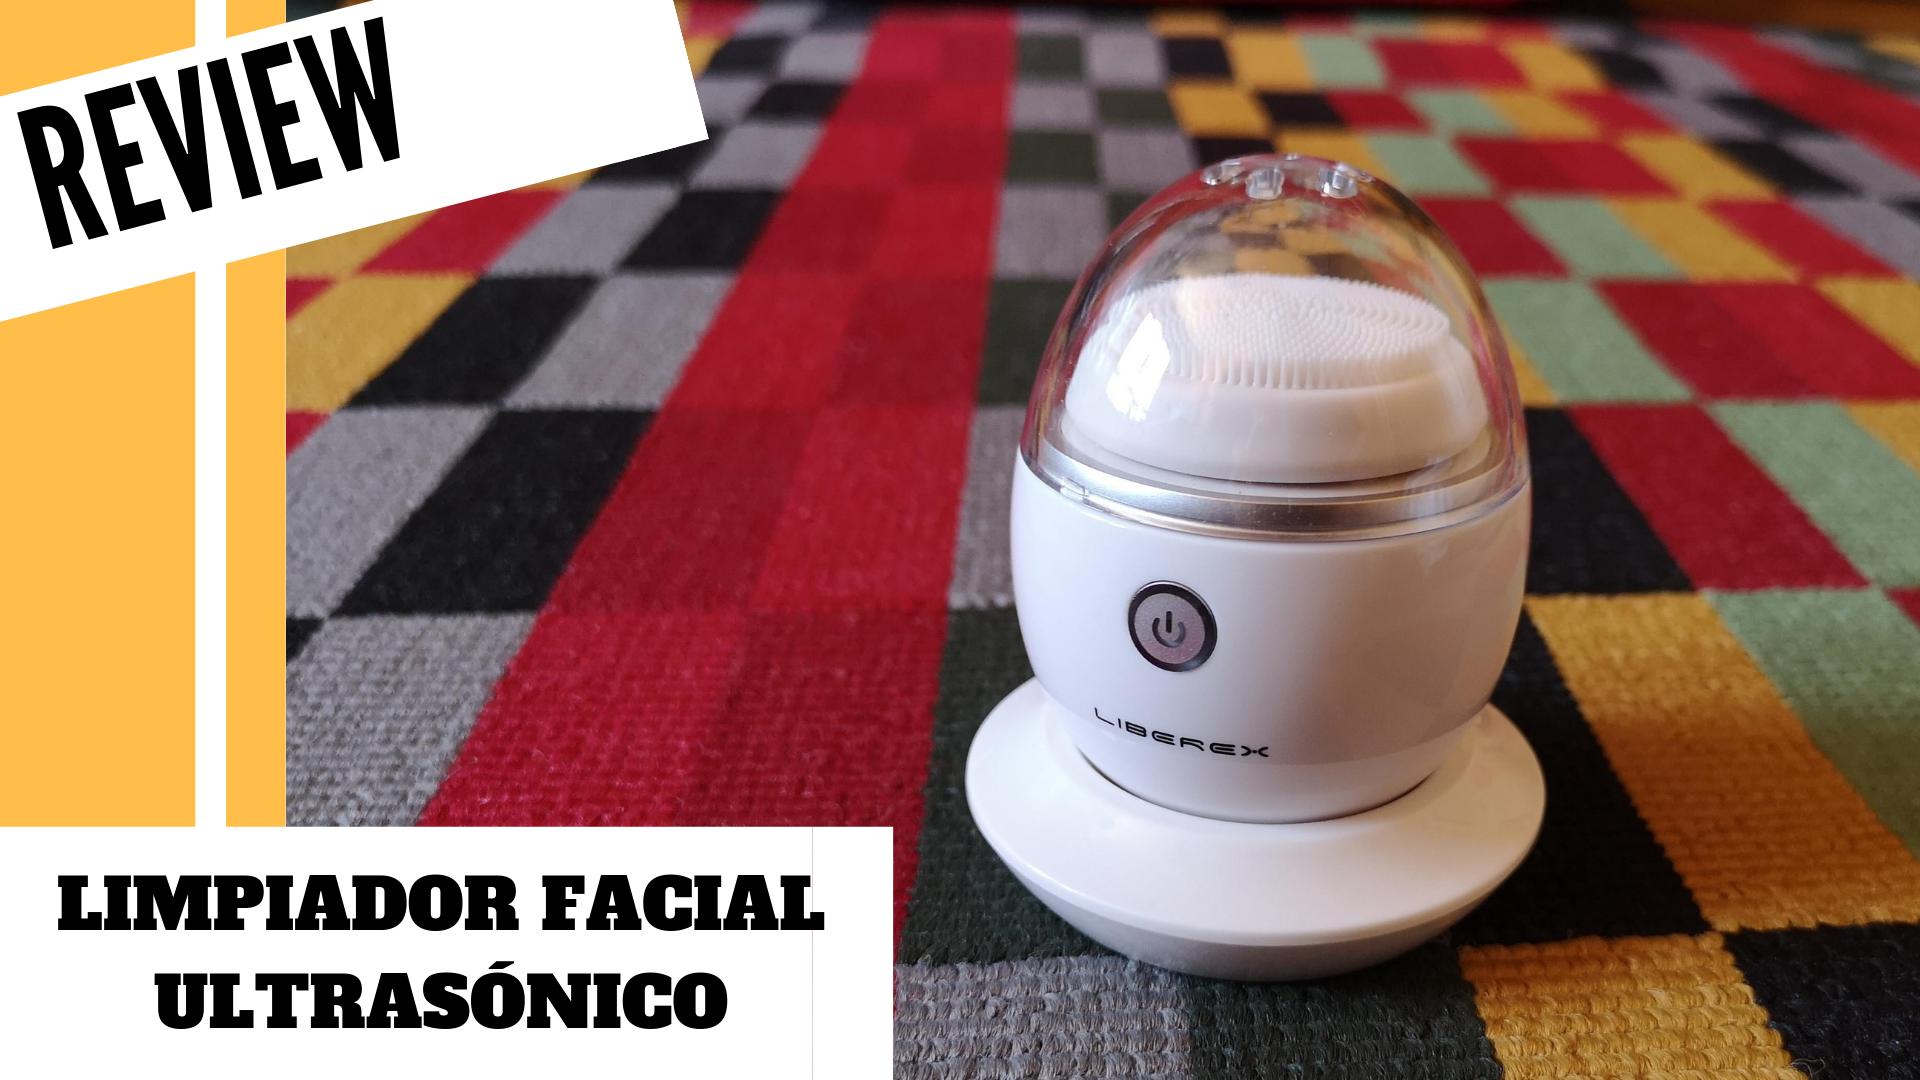 Super limpiador facial ultrasónico para hombres y mujeres! FUNCIONA!